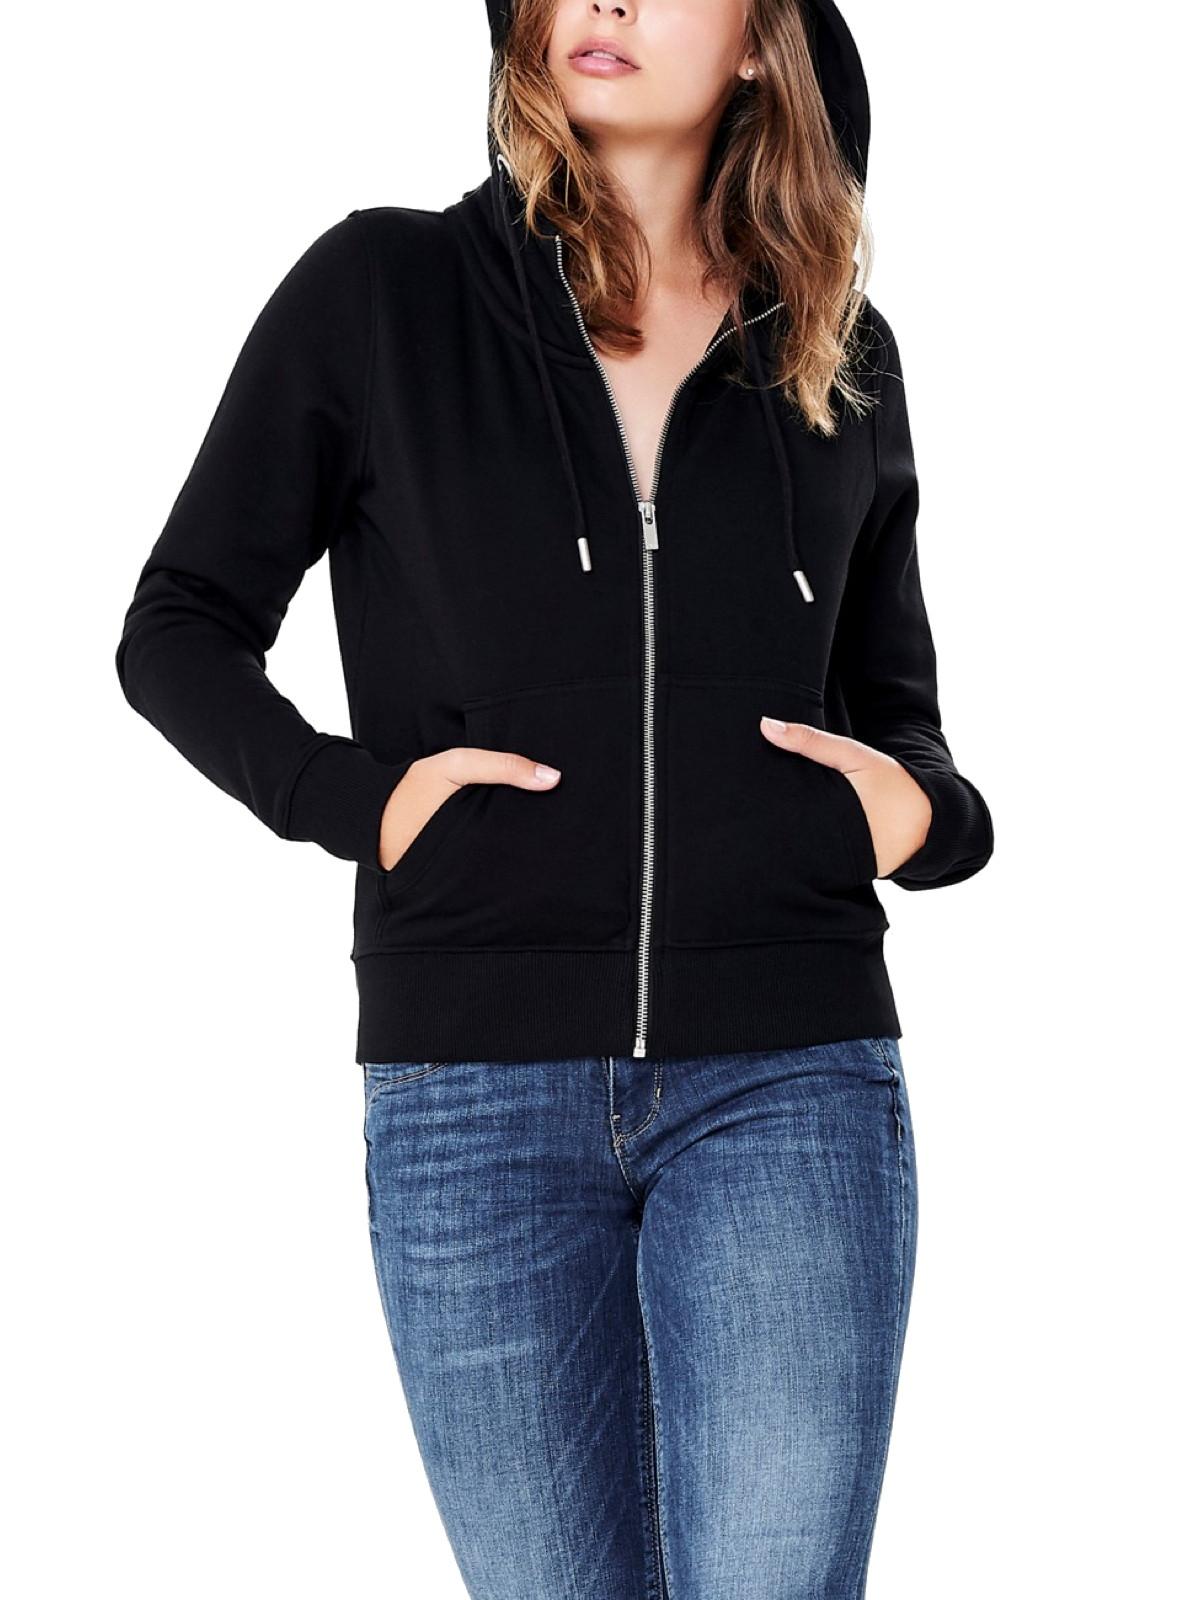 große Vielfalt Modelle Online kaufen modischer Stil ONLY Damen Hoodie OnlMarbella mit Zipper